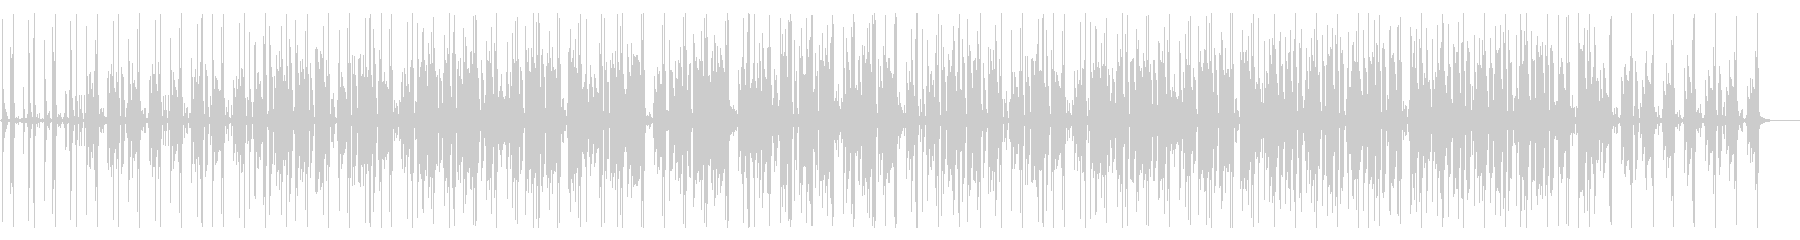 アコースティックギターのおしゃれなBGMの未再生の波形